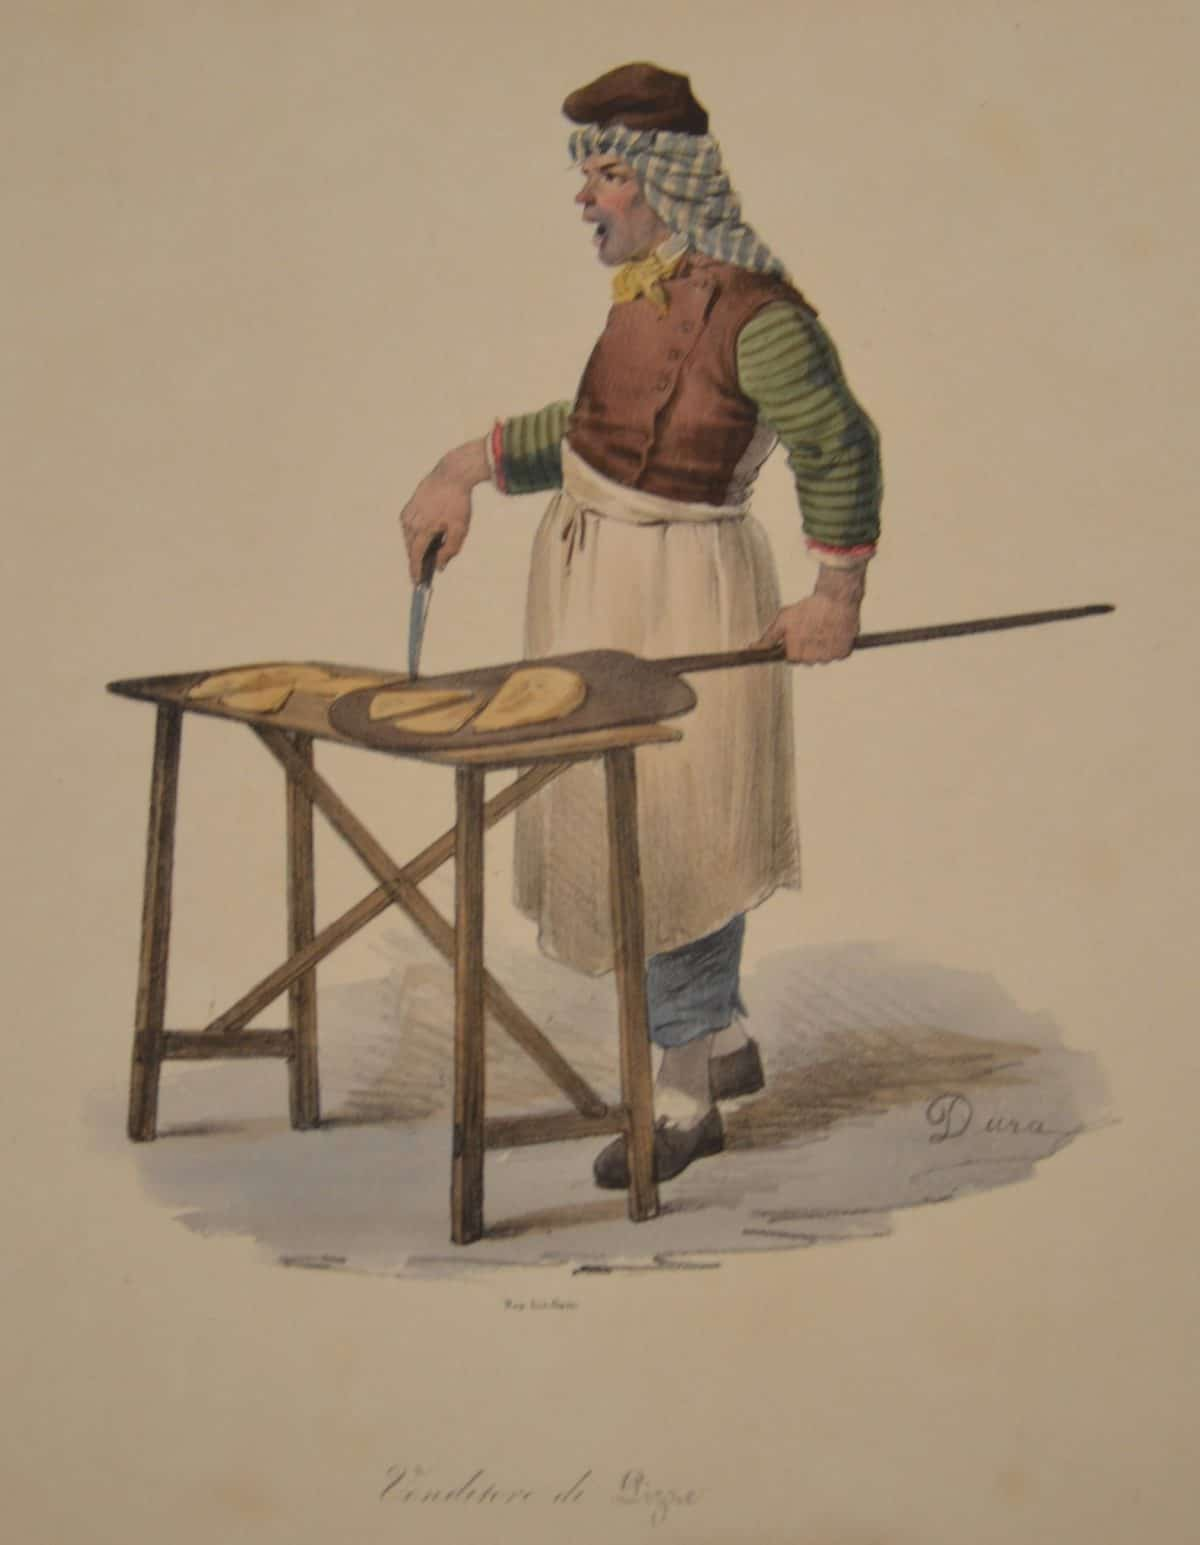 Masters 1o 180.1 - DURA, Gaetano - Venditore di Pizze